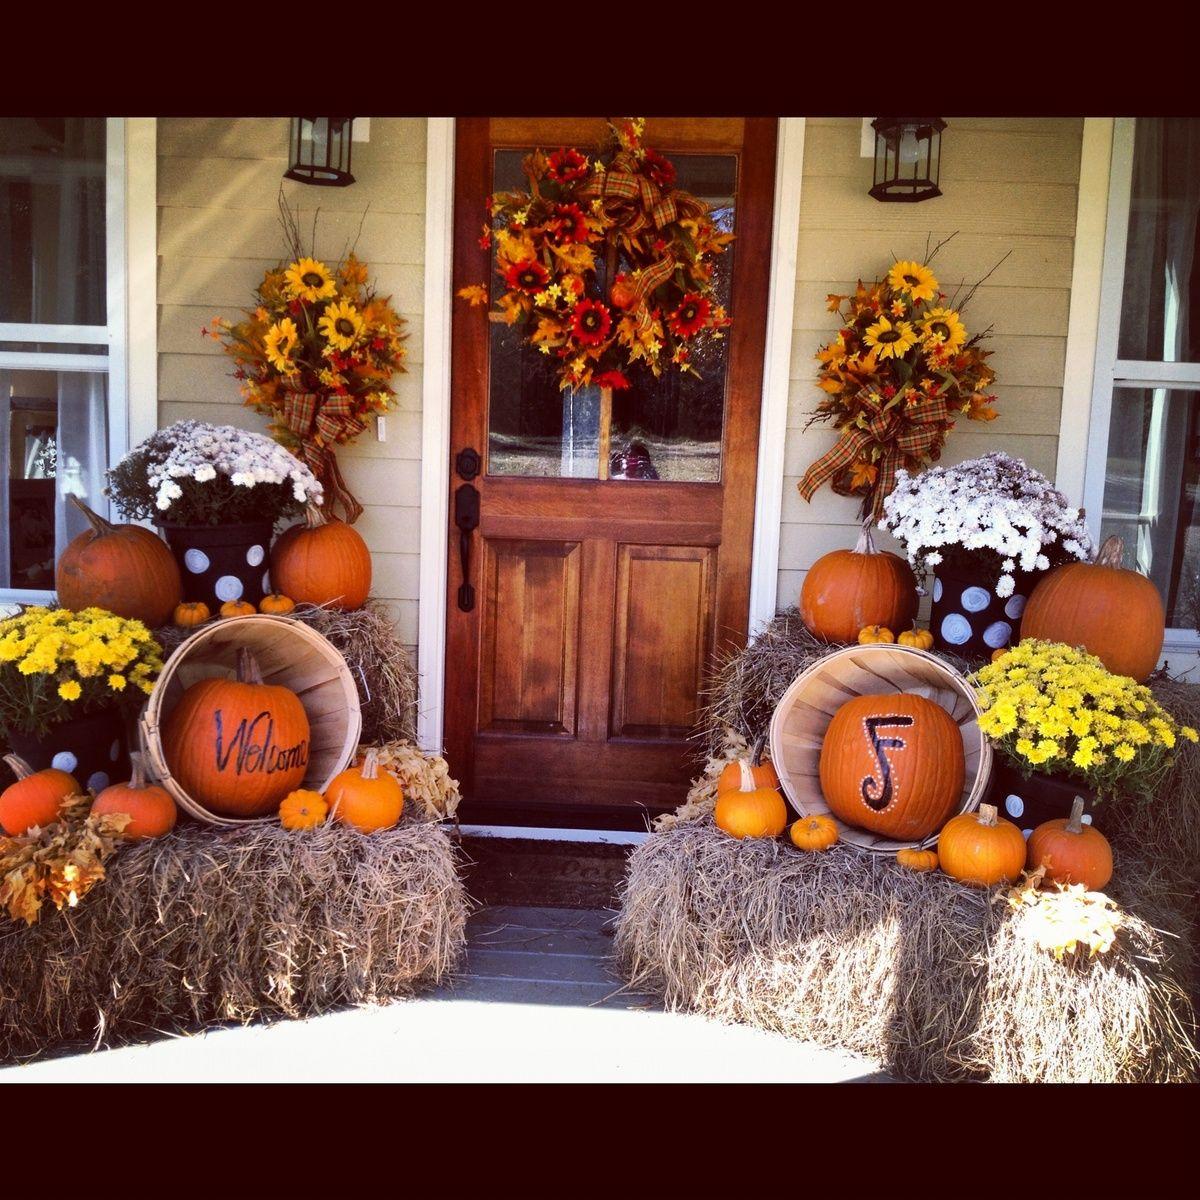 a743978e9d4f08b624fd534b0a26a5afjpg 1,200×1,200 pixels Billings - halloween front door decor